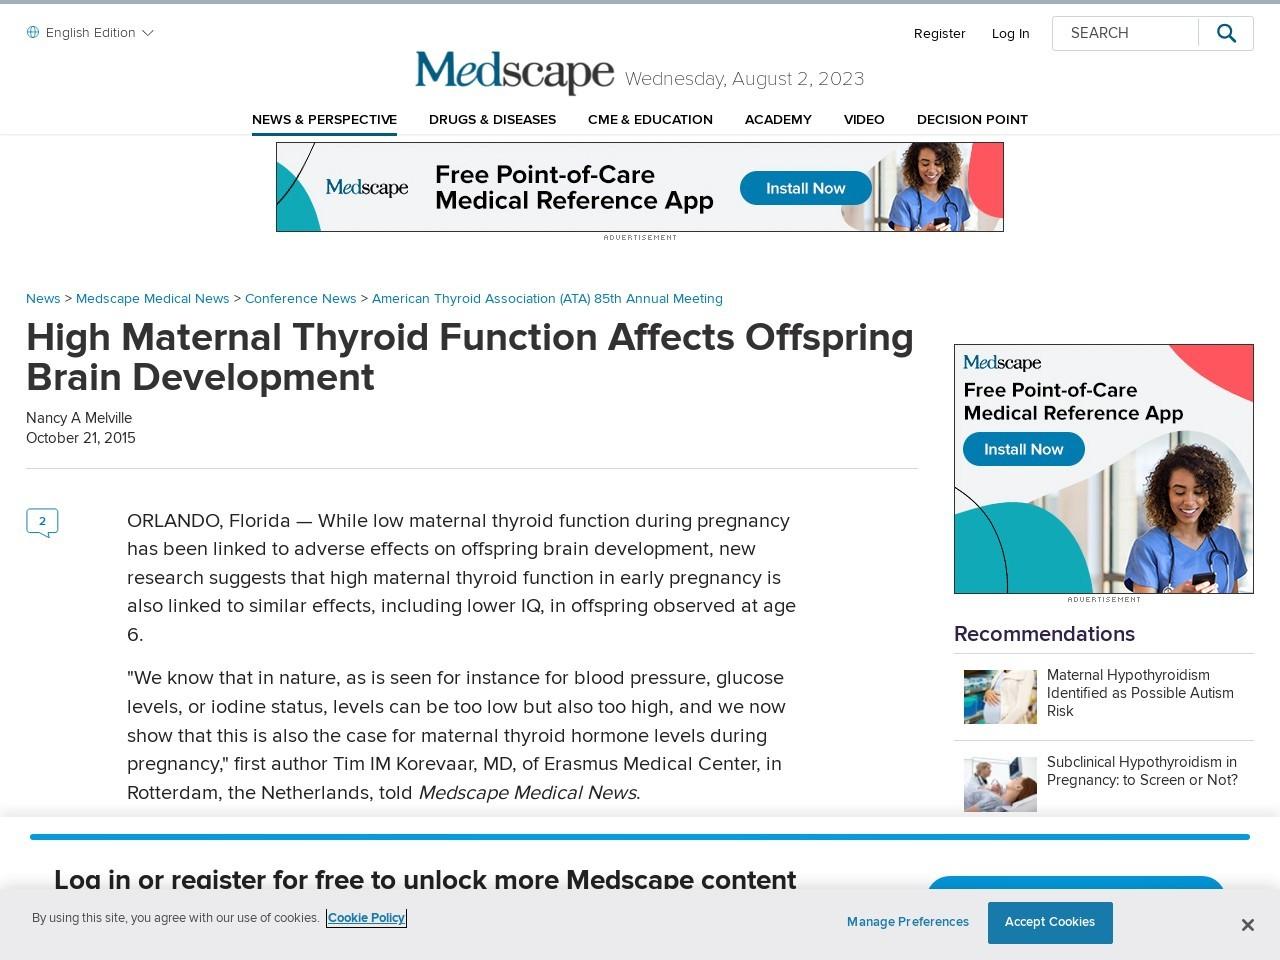 High Maternal Thyroid Function Affects Offspring Brain Development